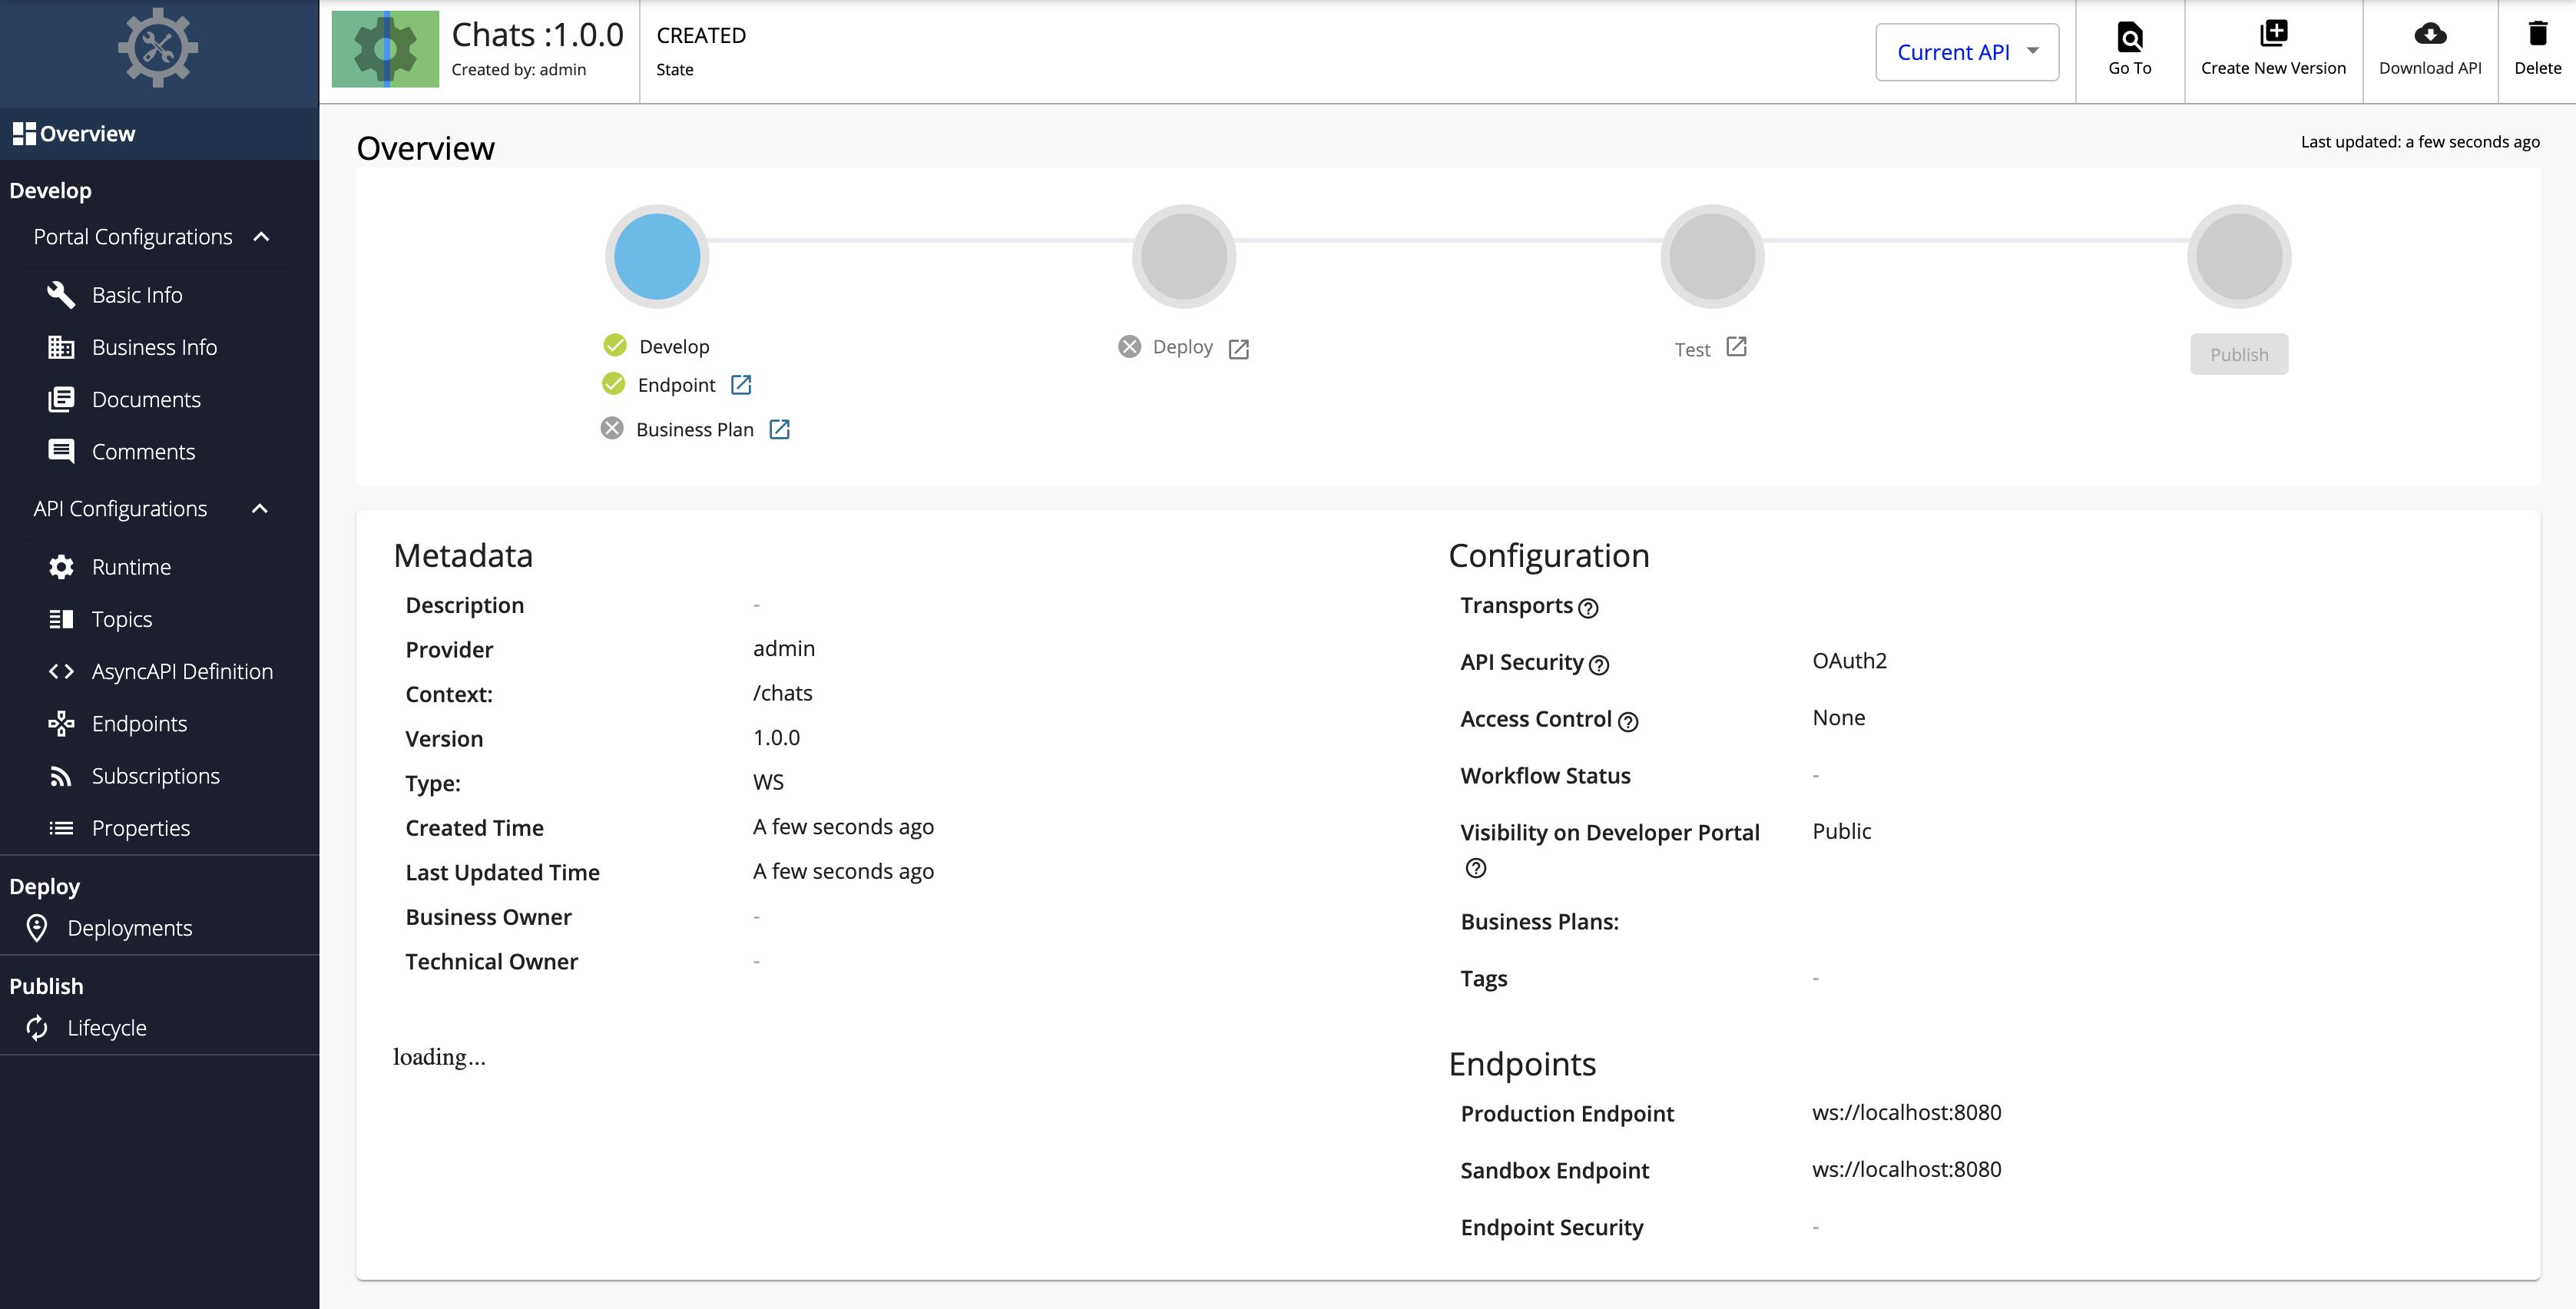 Overview of WebSocket API